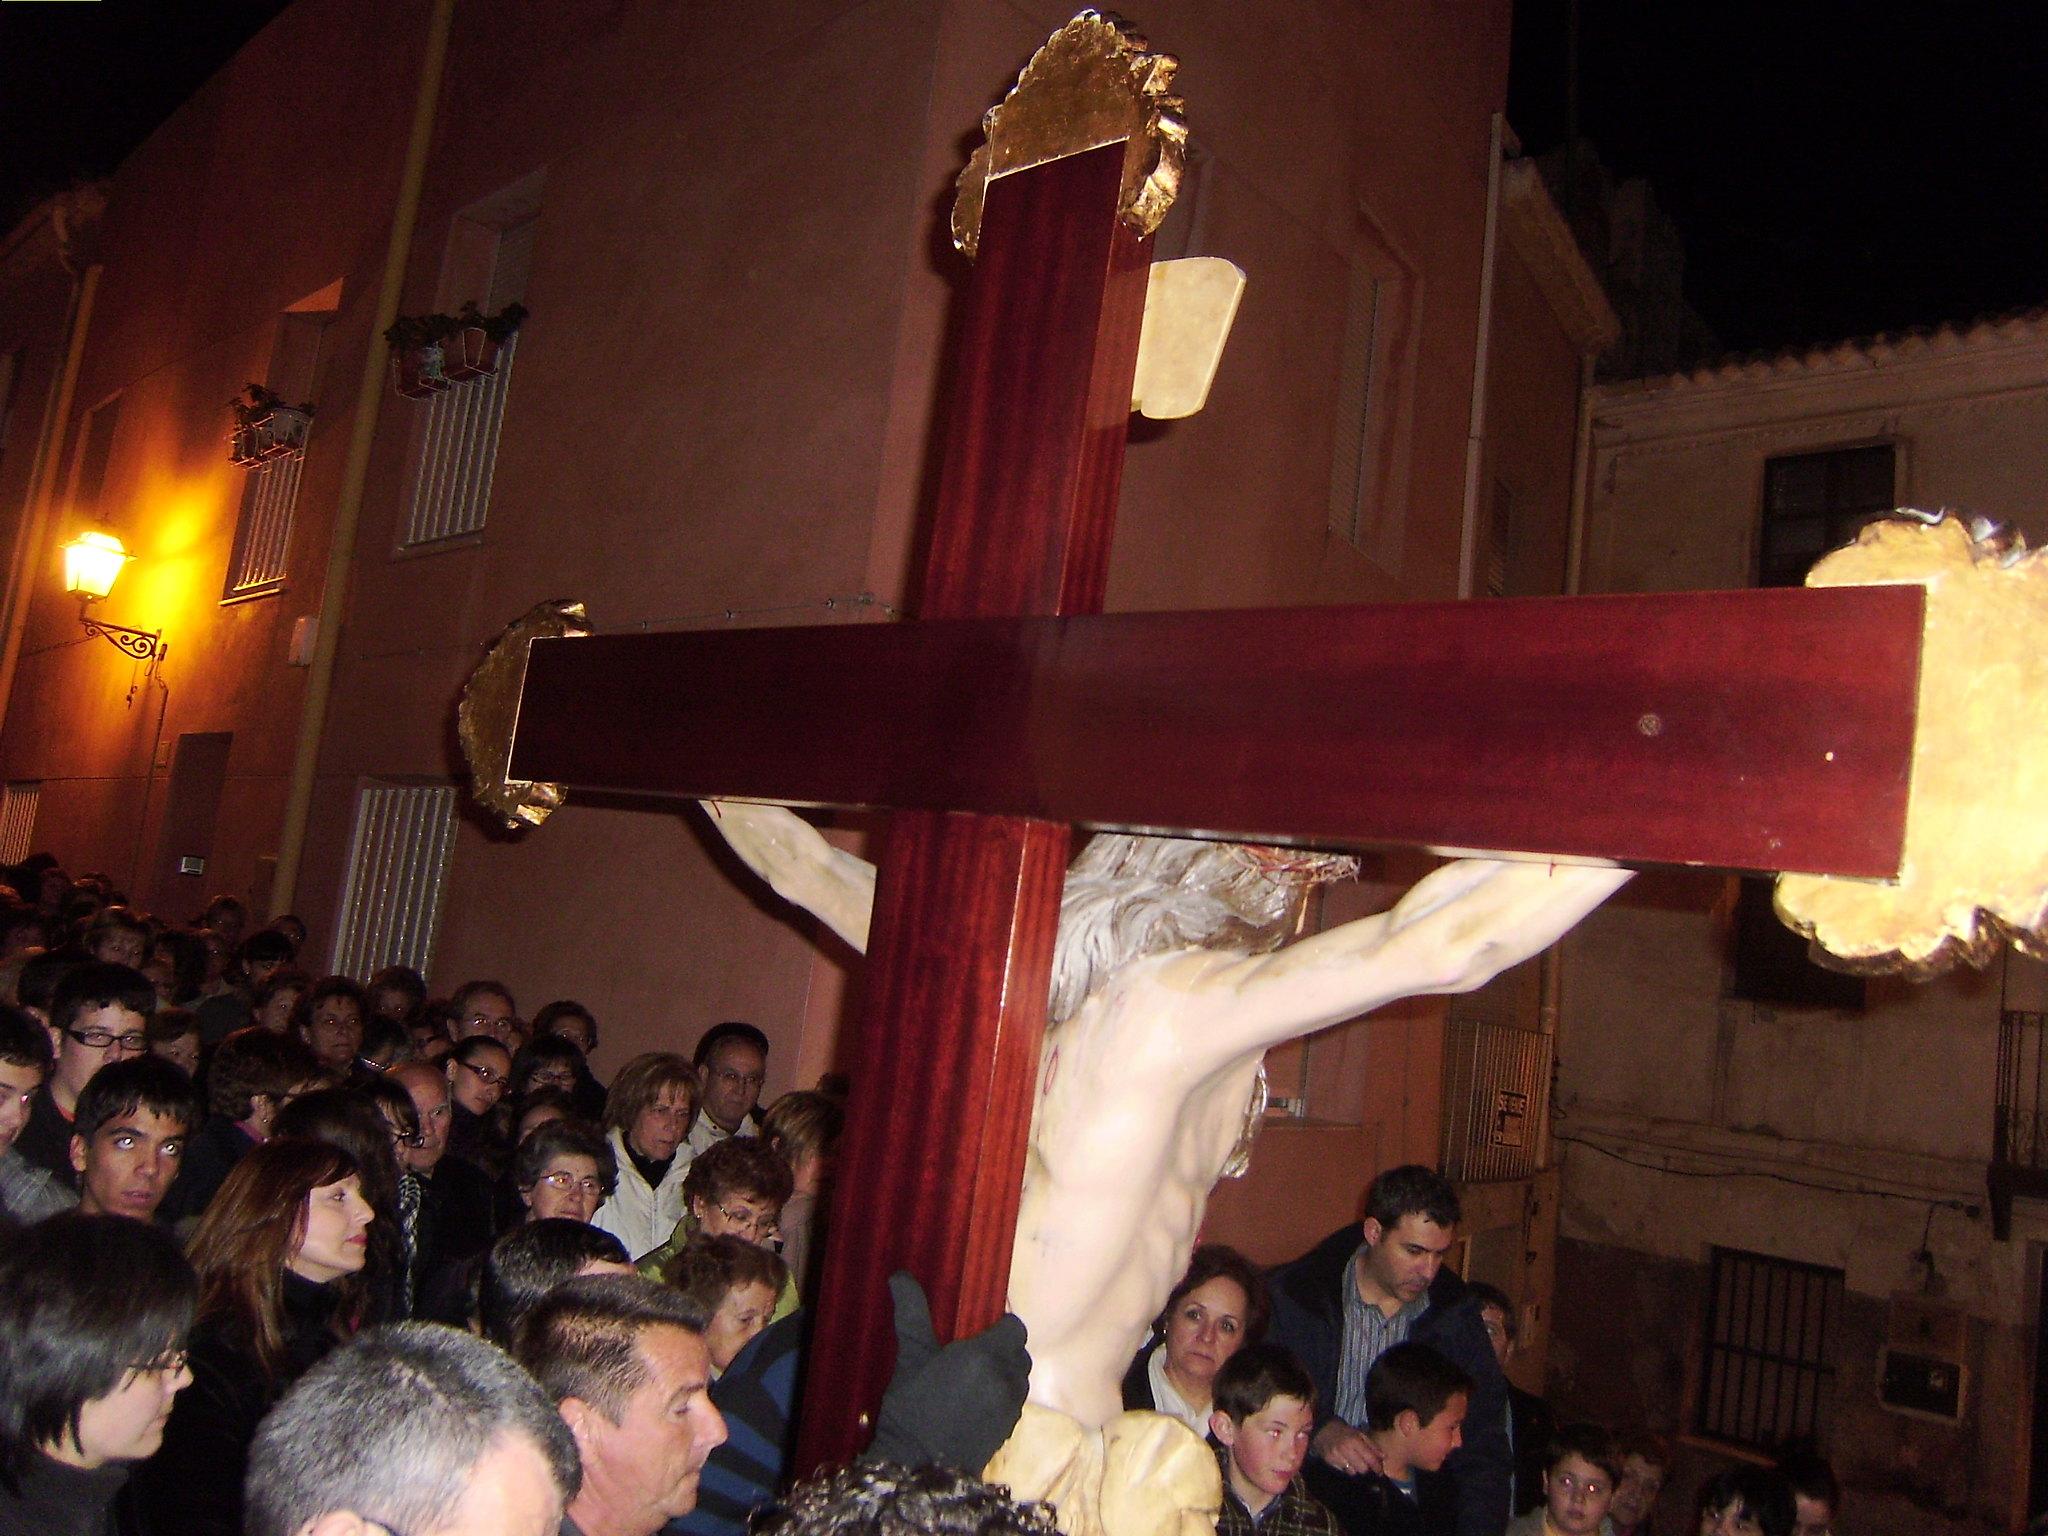 (2010-03-26) - I Vía Crucis nocturno - Javier Romero Ripoll - (13)